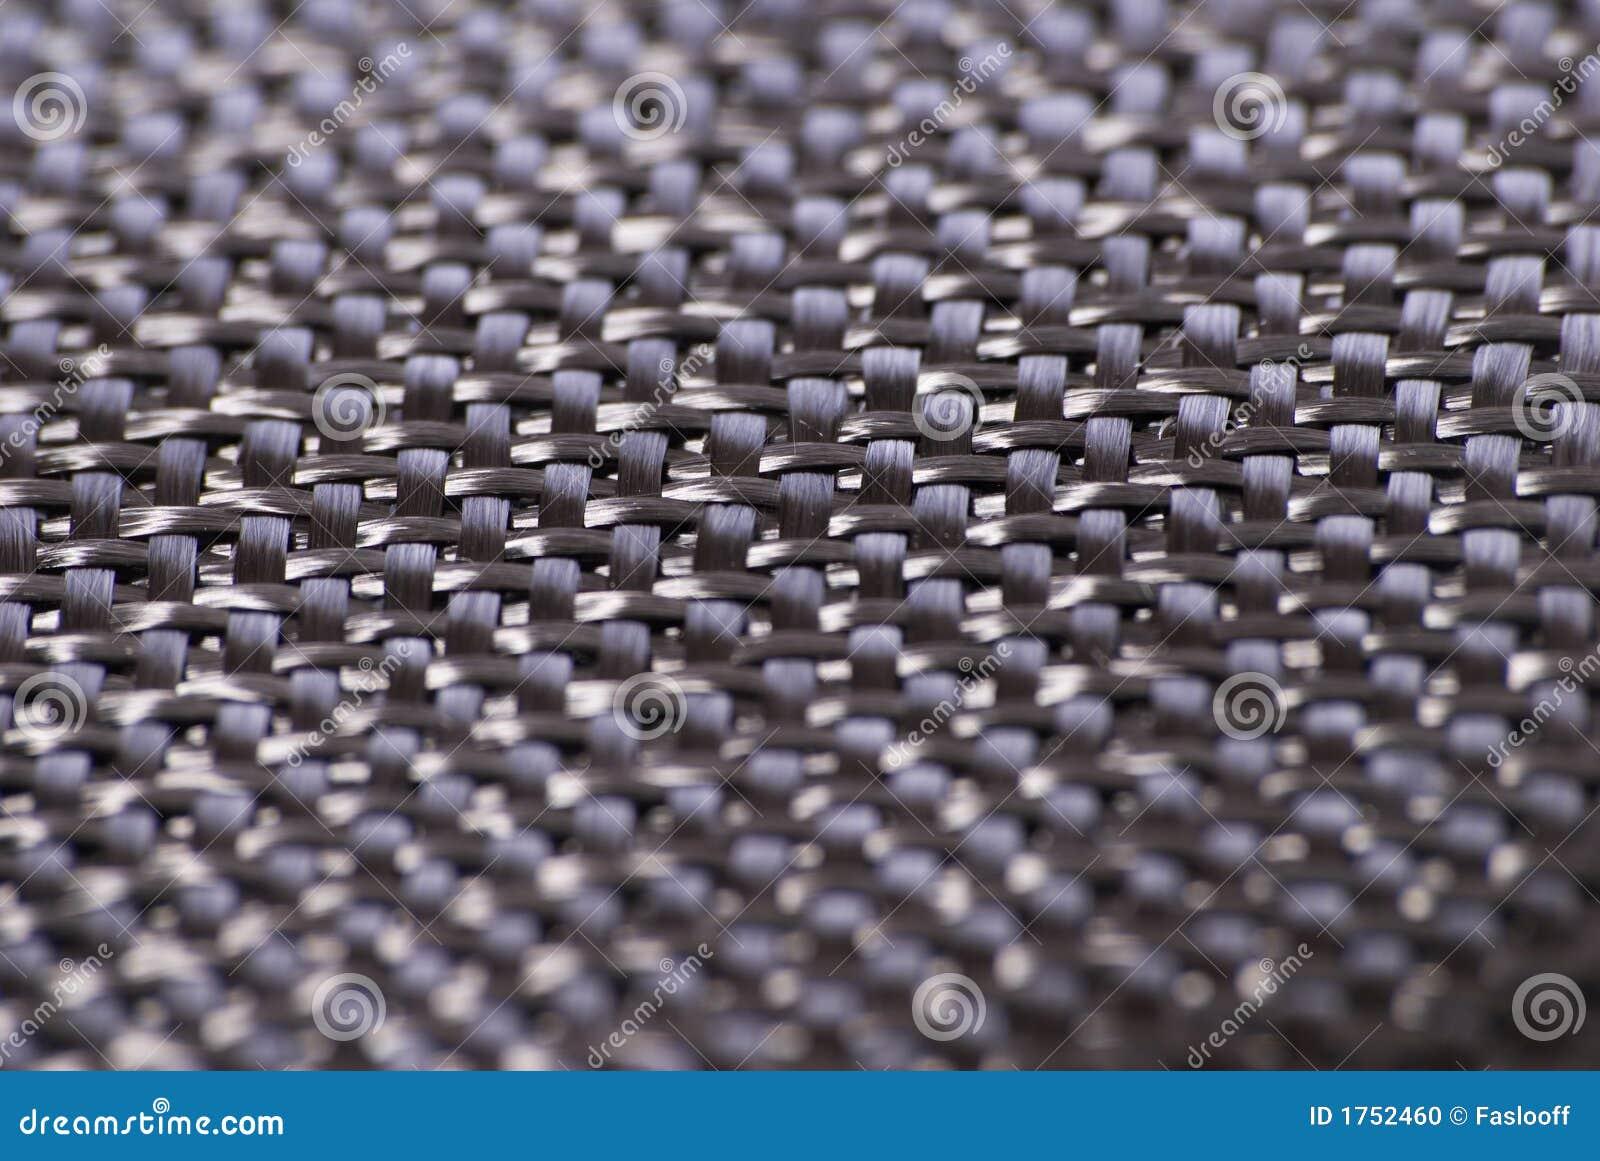 De textiel van het de vezelweefsel van de koolstof